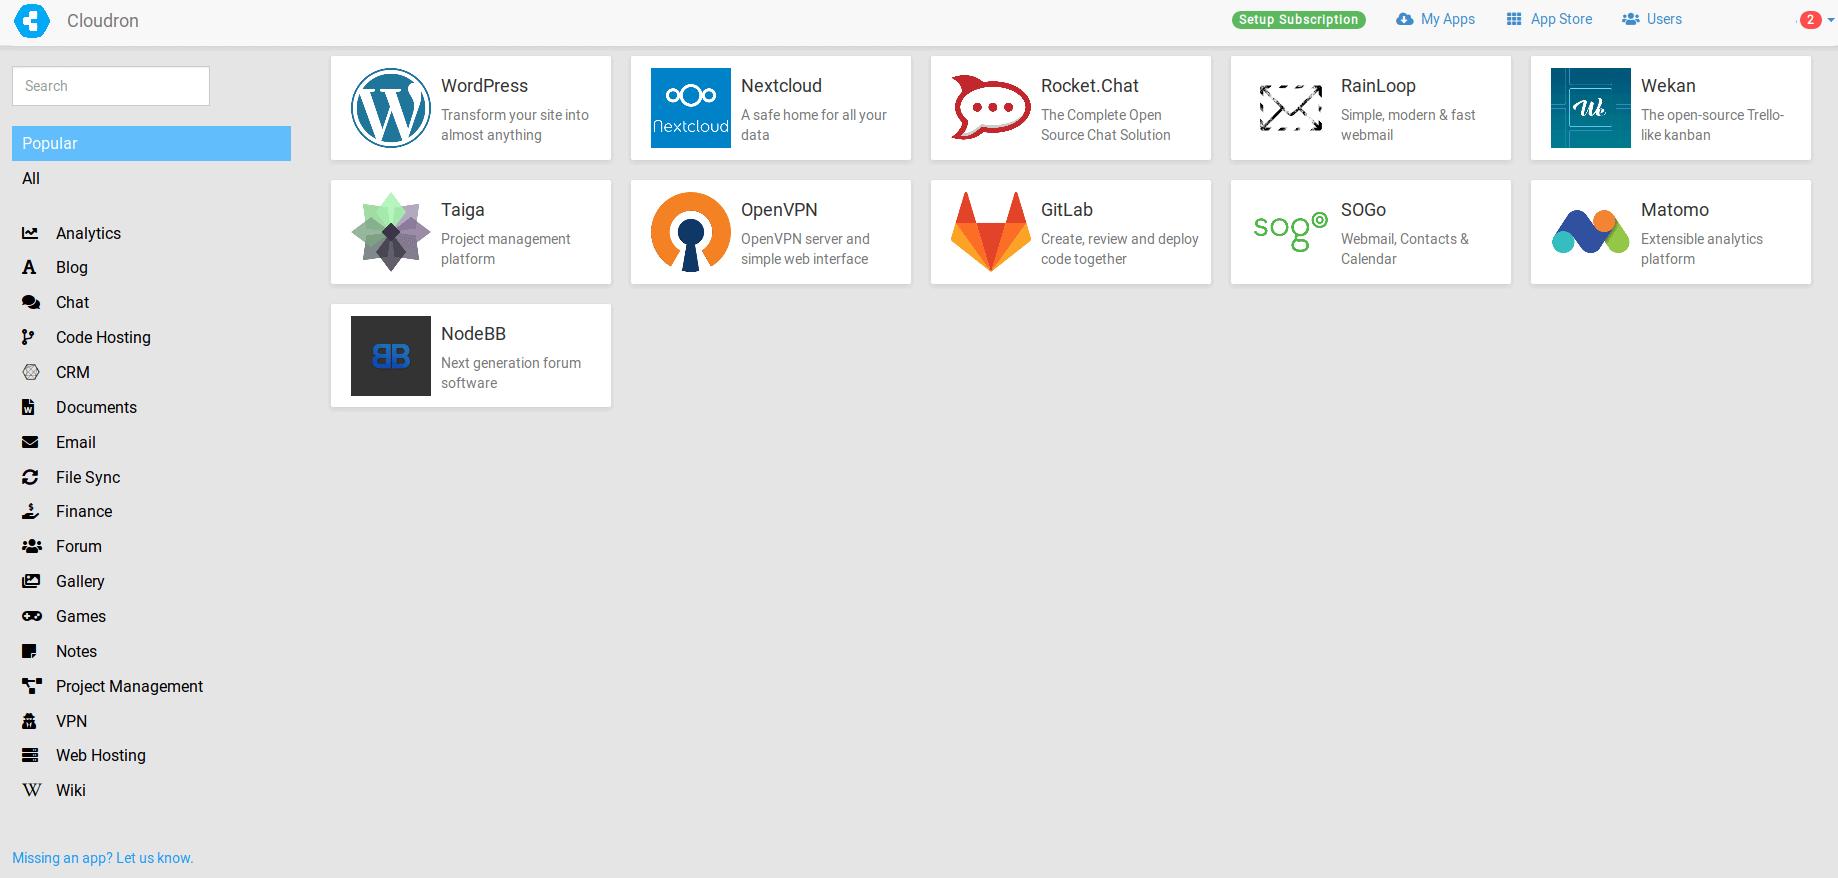 Cloudron App Store